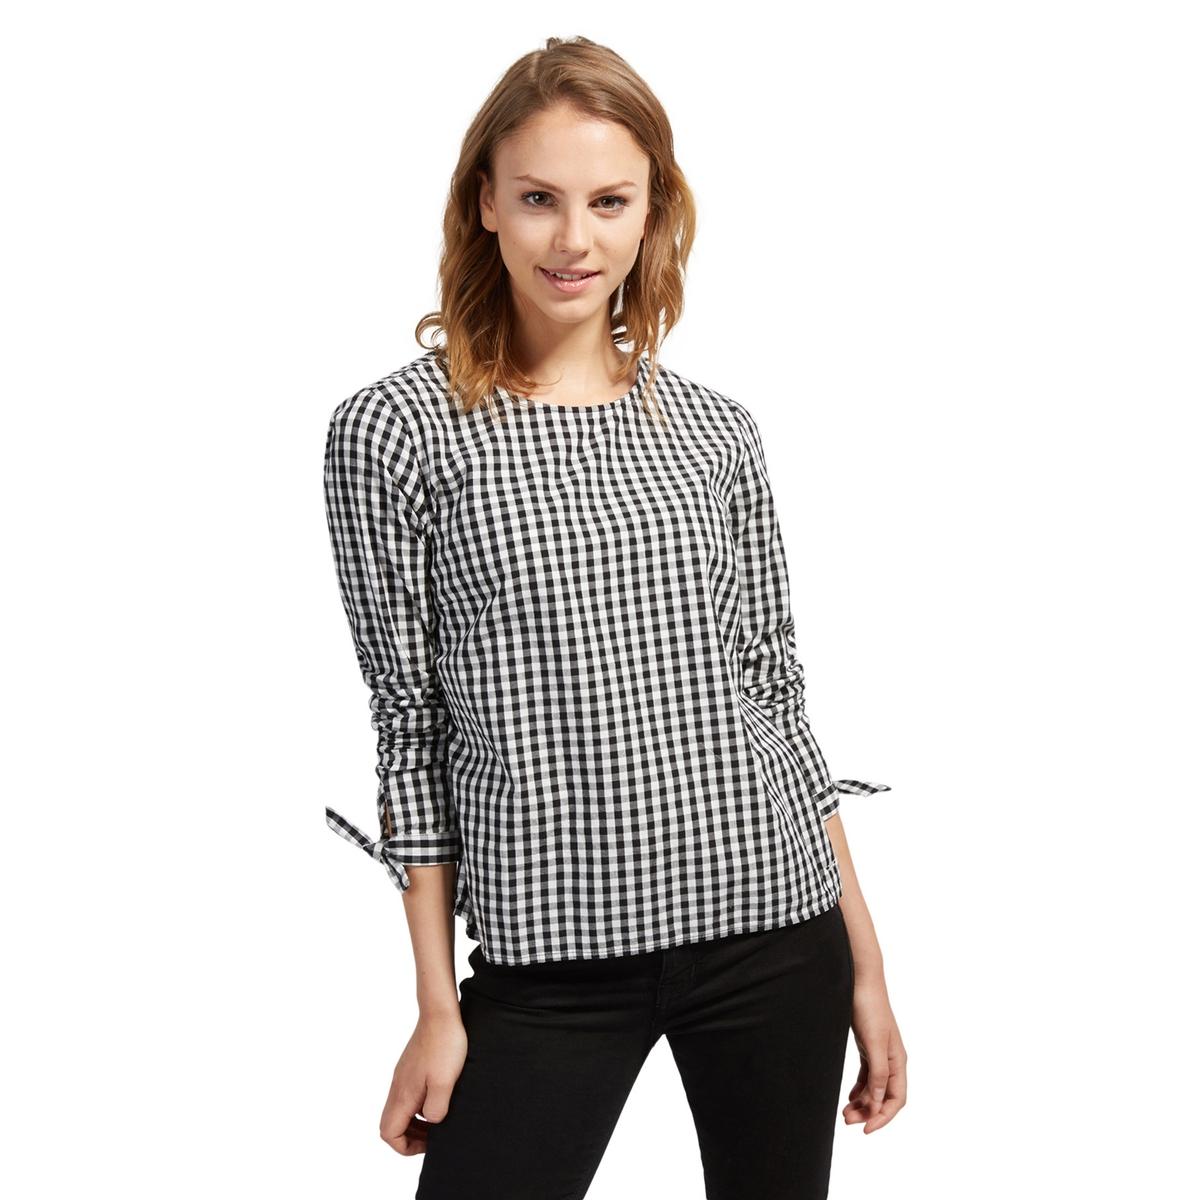 Блузка с круглым вырезом, рисунком в полоску и длинными рукавами tom tailor блузка tom tailor 203140400752647